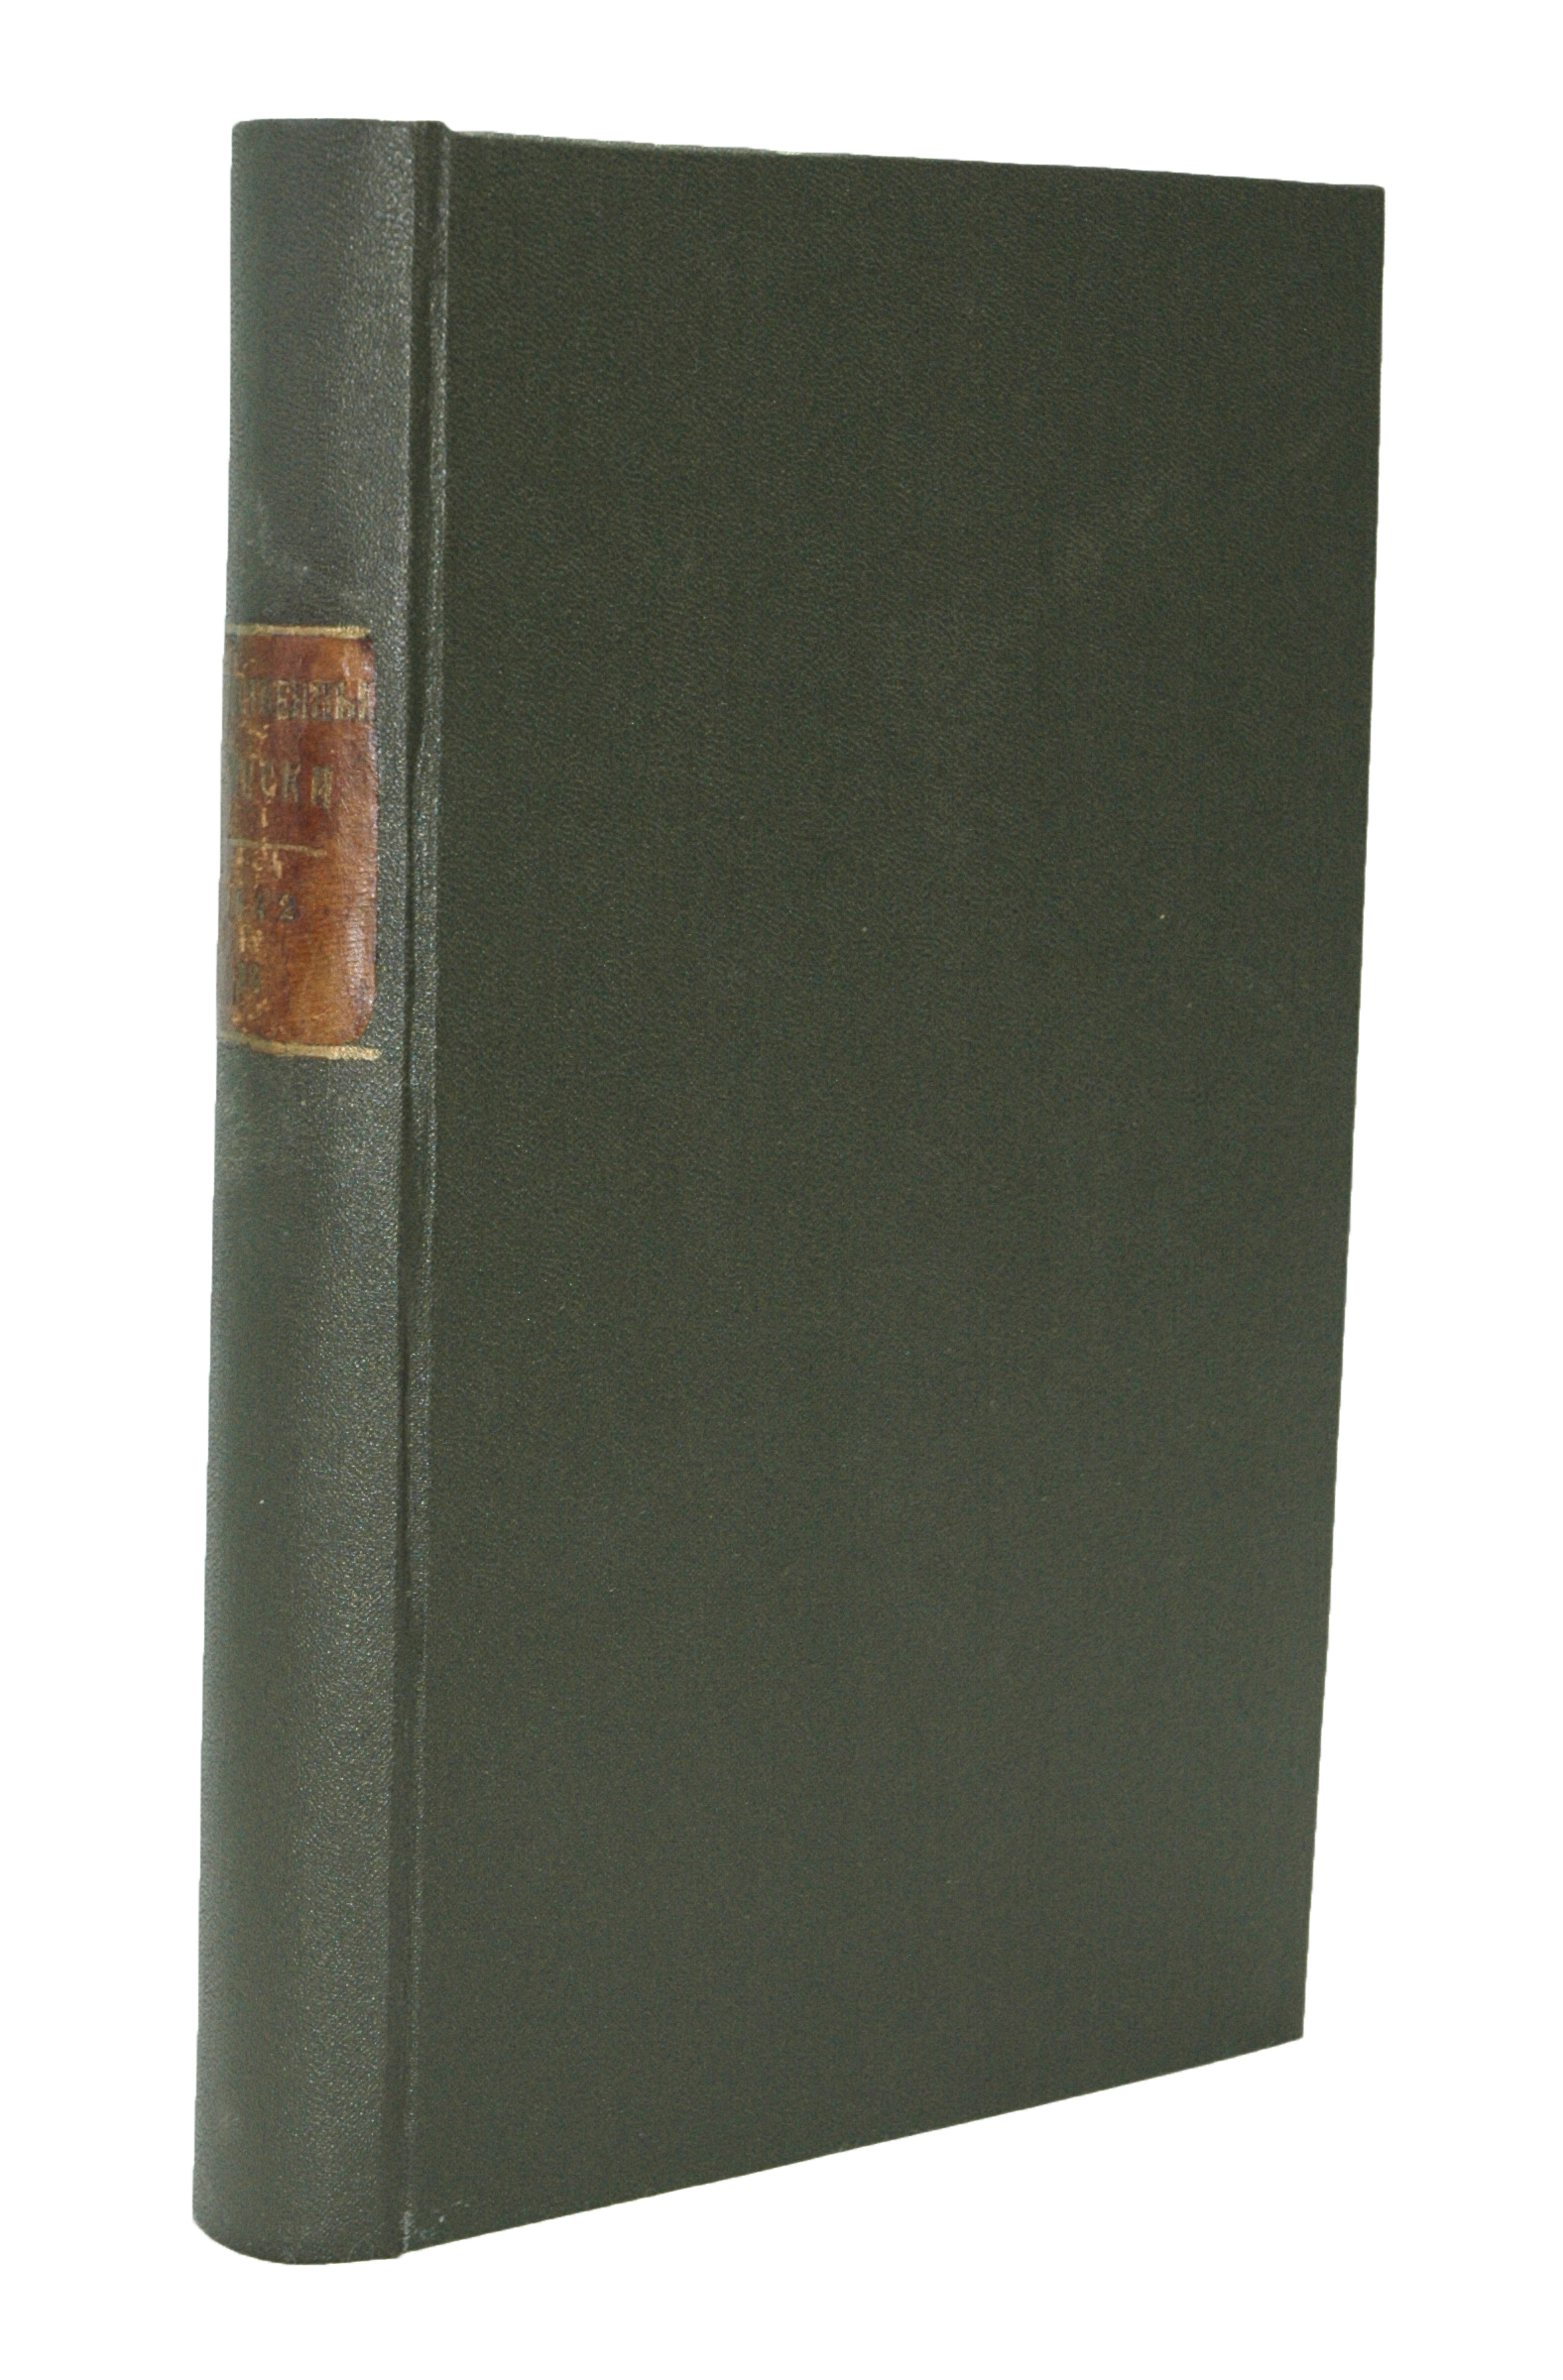 ЛОК-7557 ТАРХАНЫ КП-14177  Журнал Отечественные записки. Т. XXIV._1